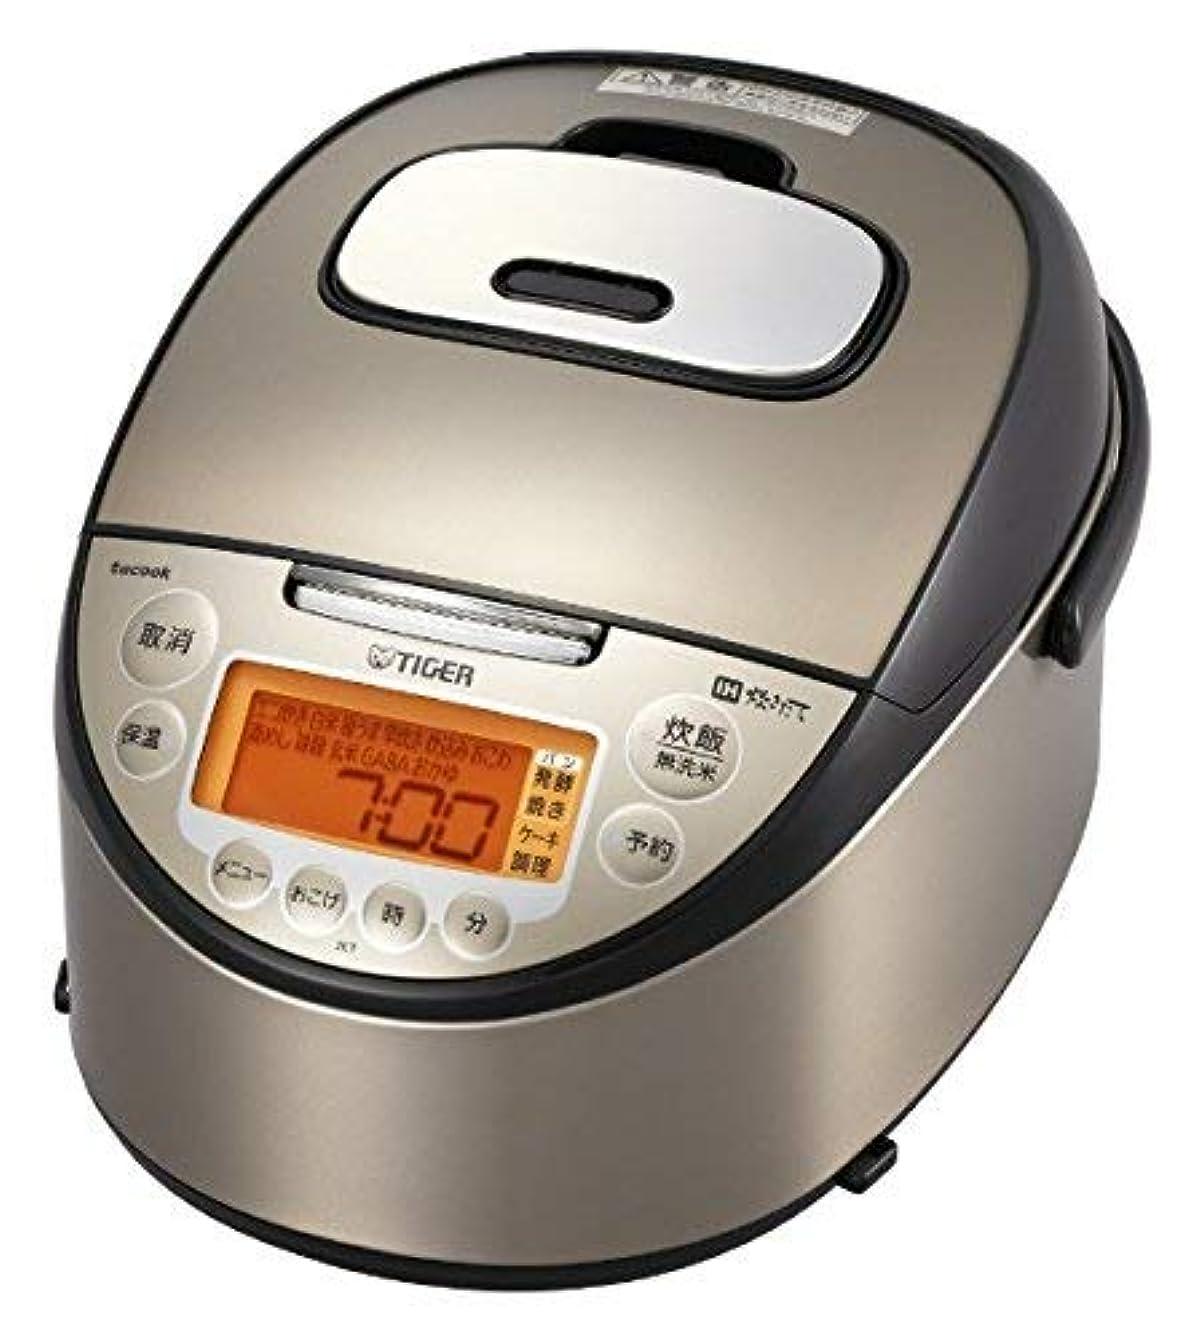 ご意見分析する地雷原タイガー 炊飯器  IH 5.5合 炊きたて 同時調理 tacook パールブラウン JKT-J101-TP